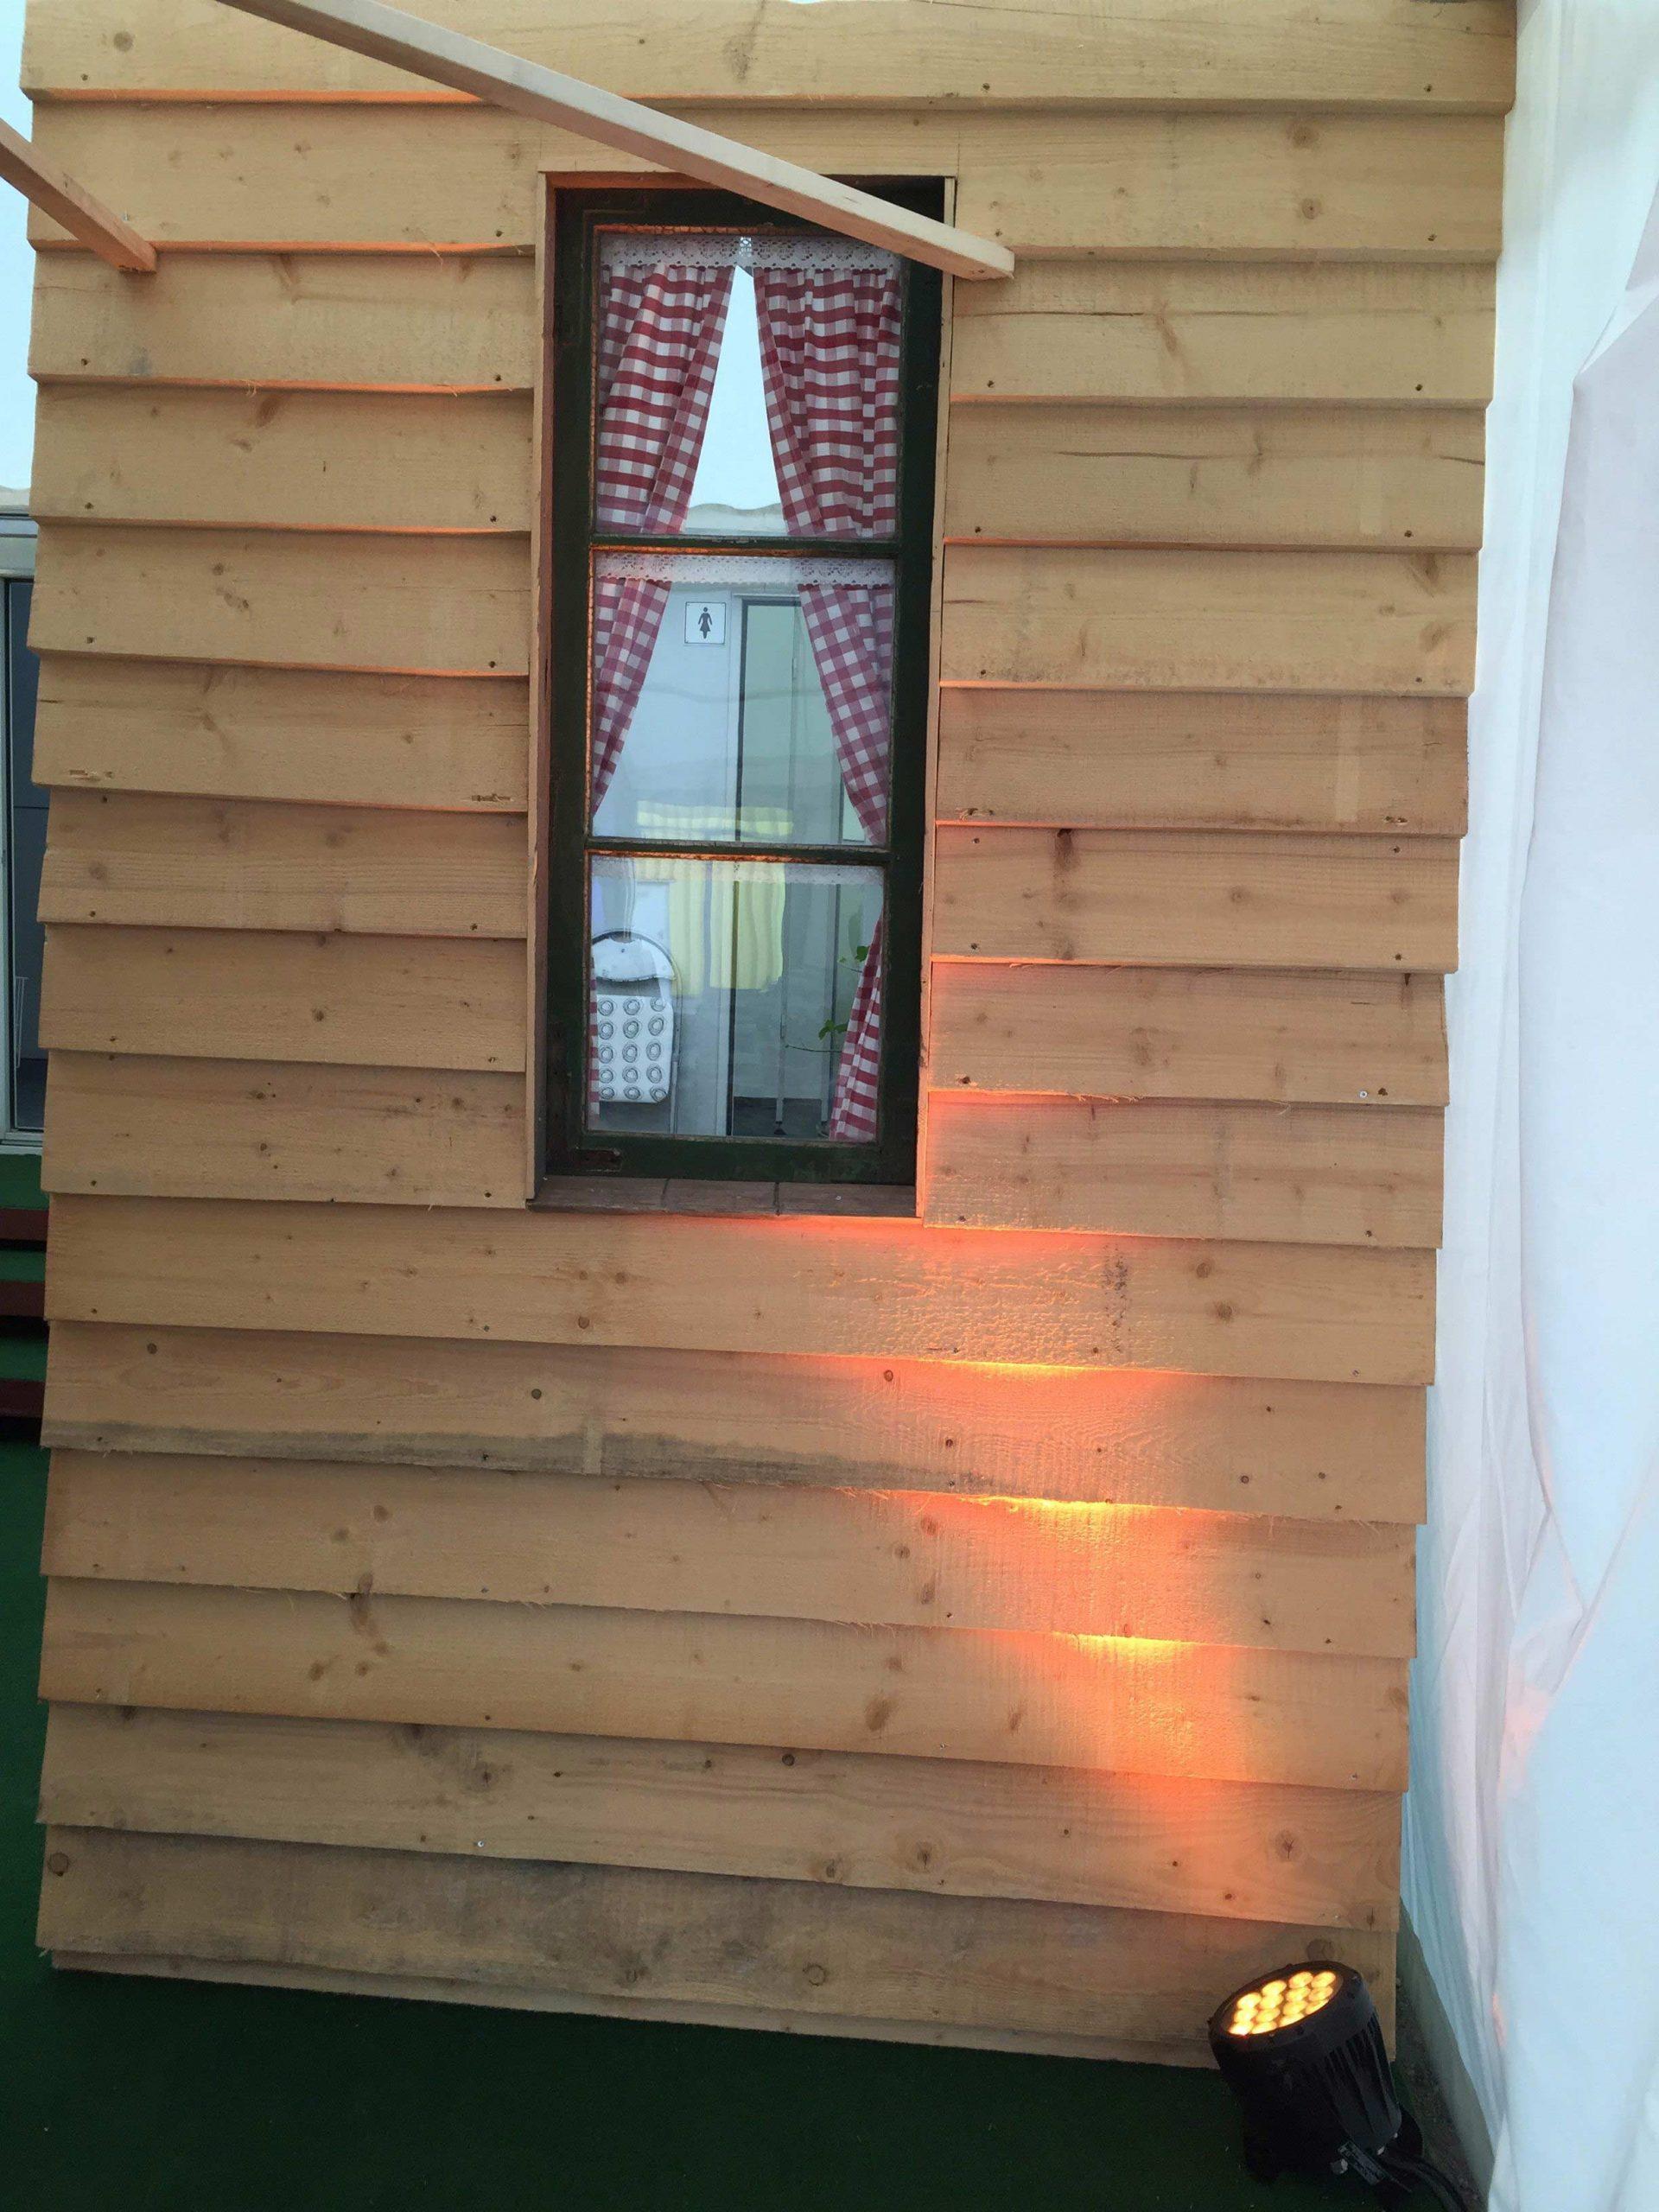 Full Size of Sichtschutz Holz Fenster Lars Brinkmann Eventausstattung Gmbh Veka Preise Einbruchsicherung Sicherheitsfolie Für Austauschen Kosten Türen Rollo Fenster Fenster Sichtschutz